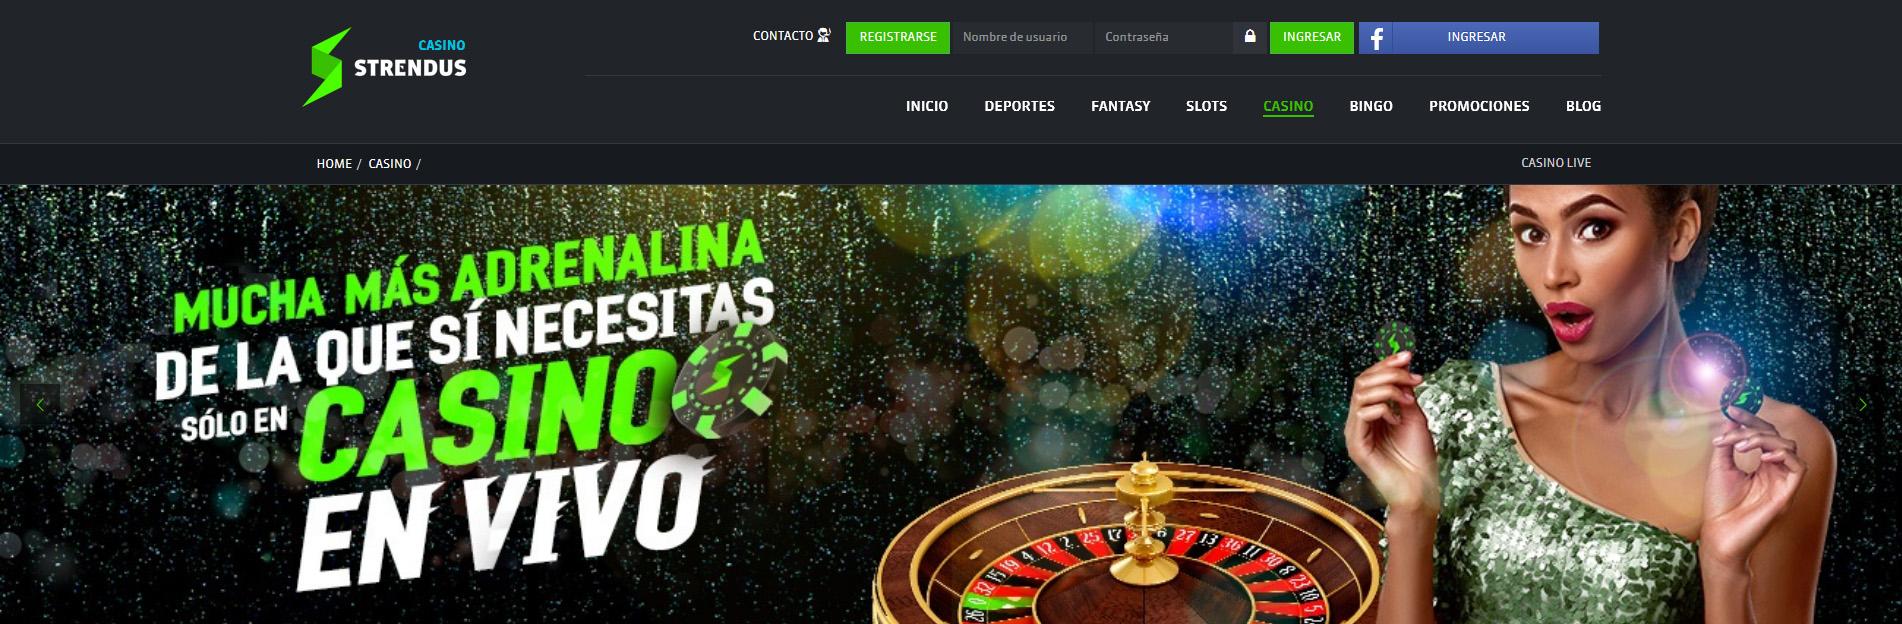 Strendus casino en linea página principal